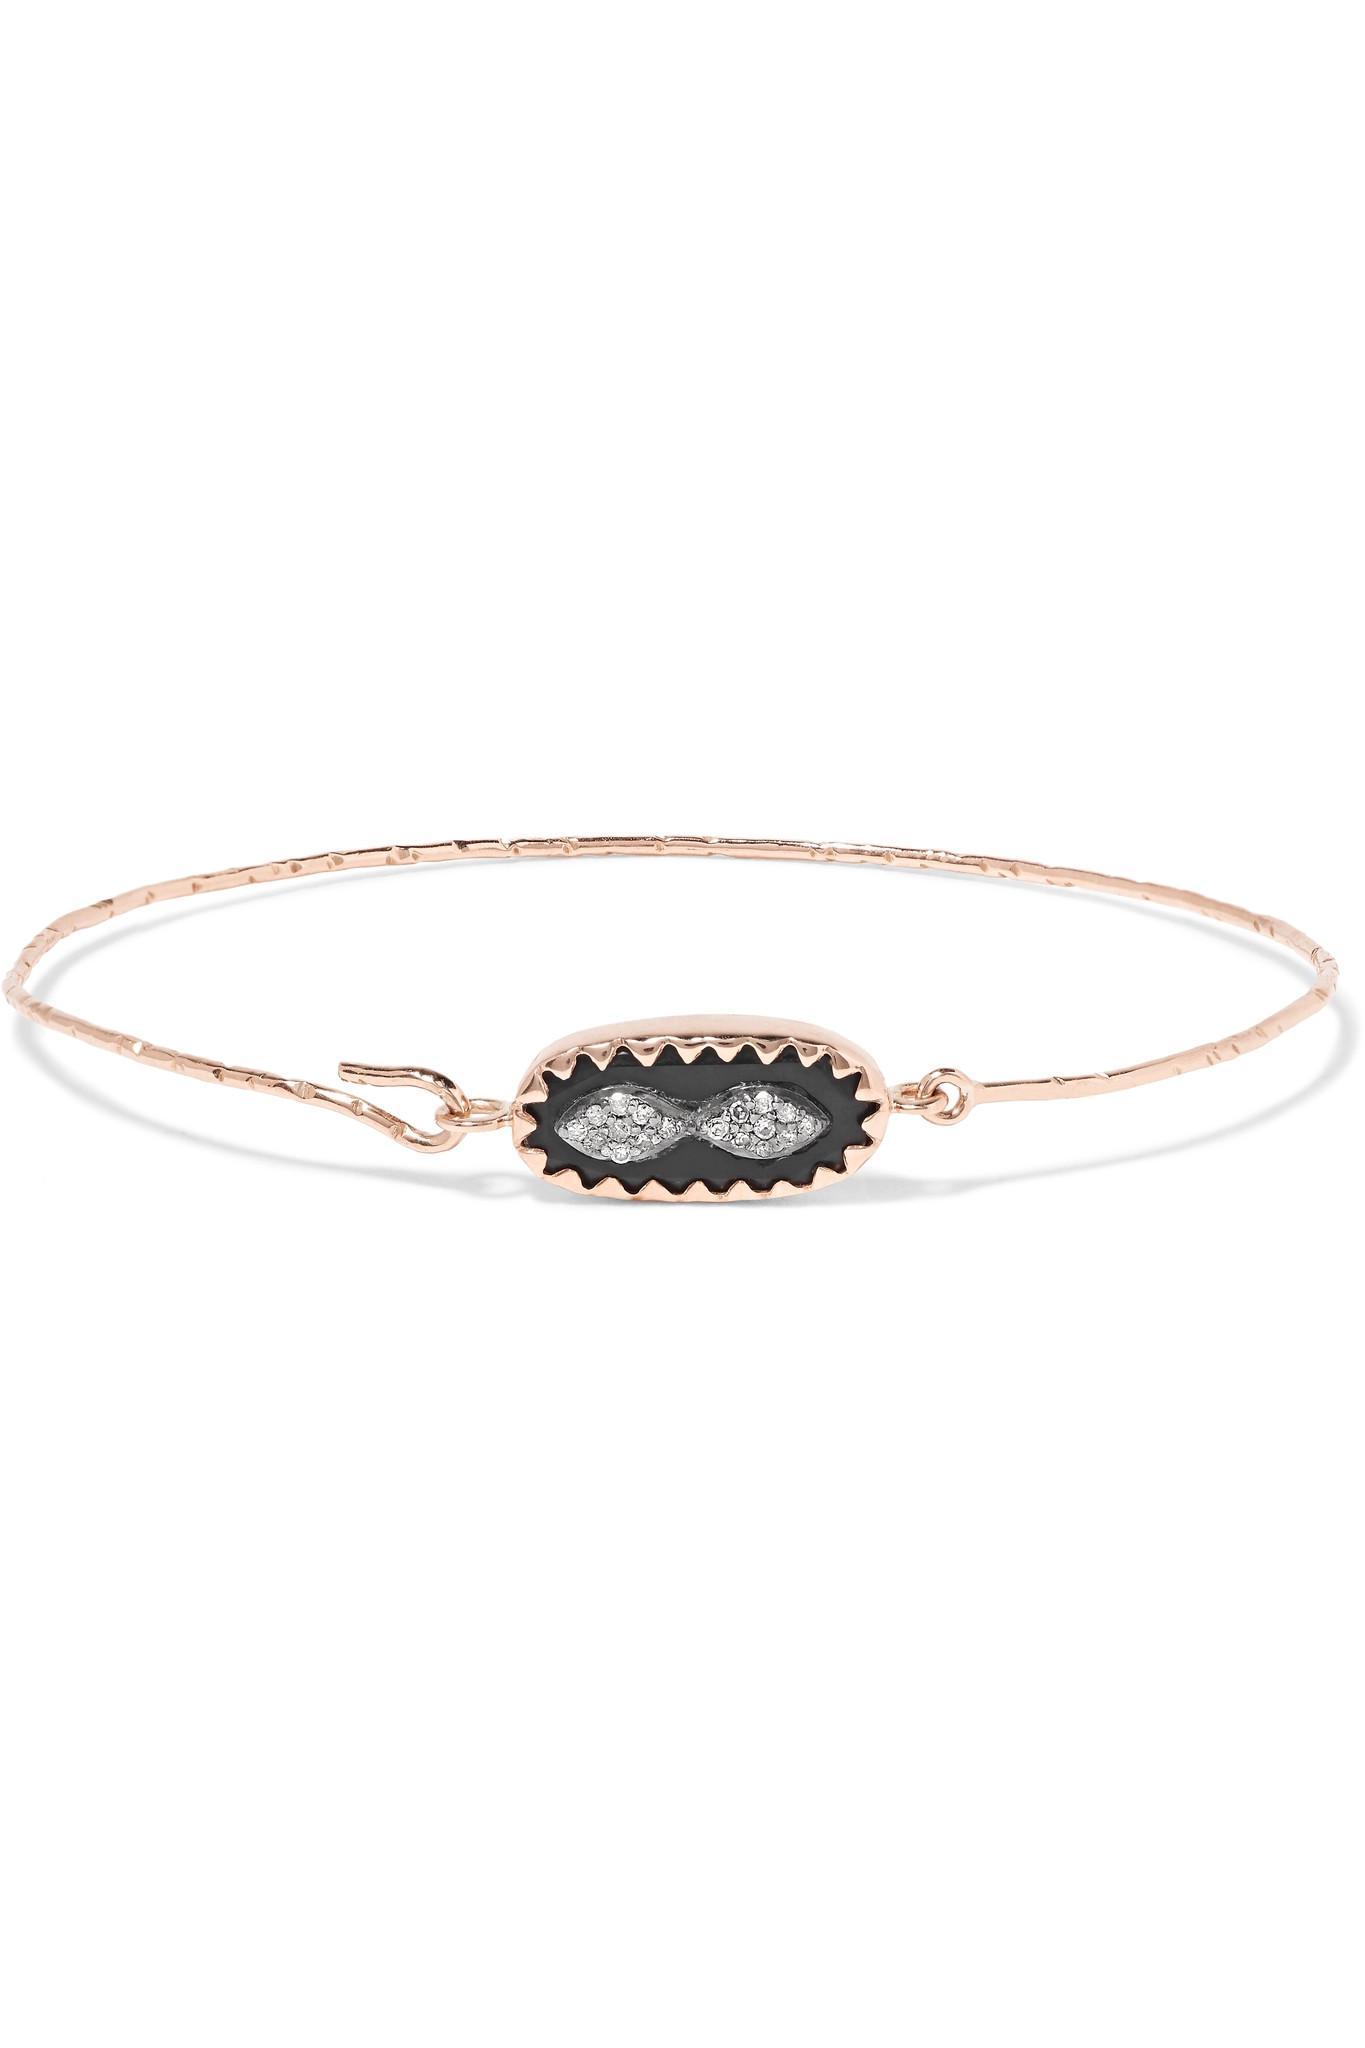 Pascale Monvoisin Montauk 9-karat Rose Gold, Sterling Silver, Bakelite And Diamond Bracelet